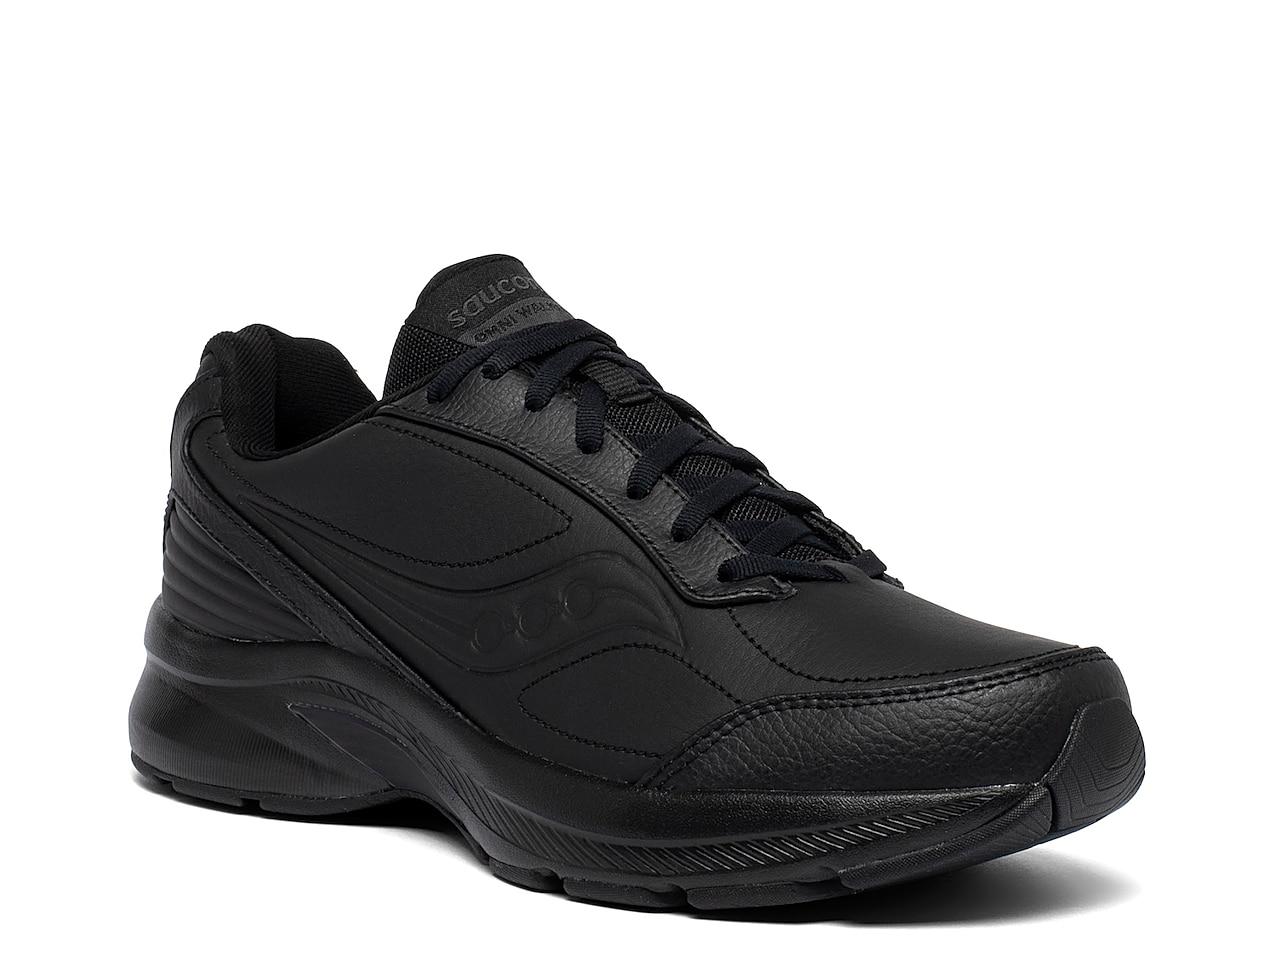 Saucony Omni 3 Walking Shoe - Men's